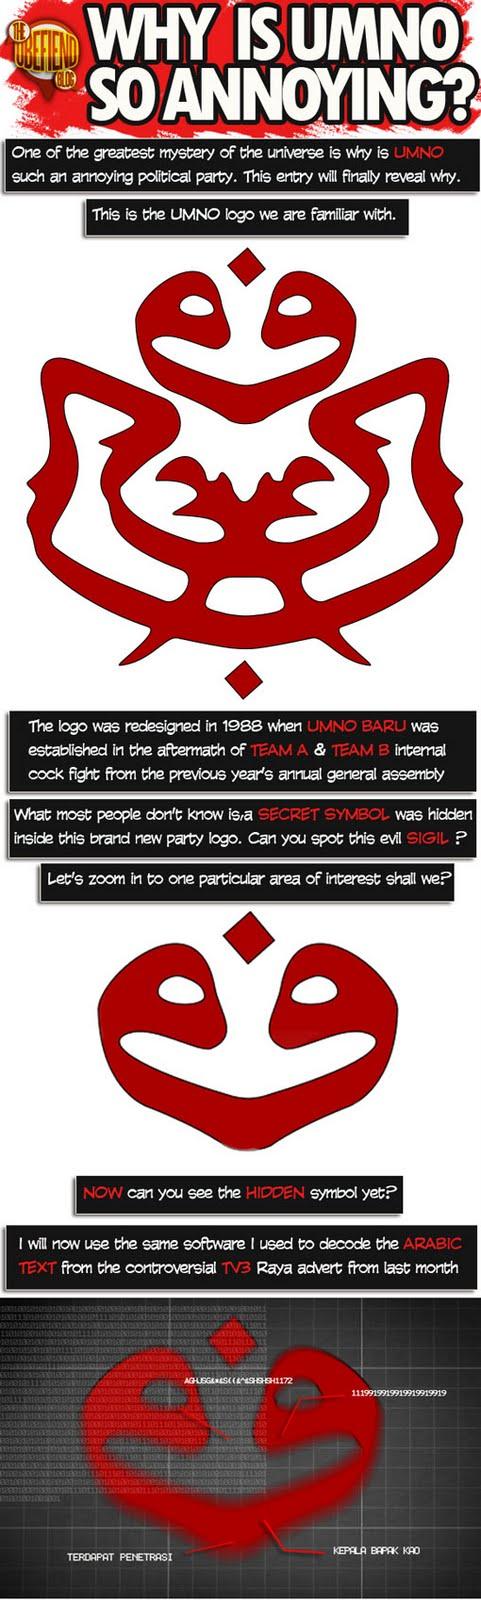 gambar logo umno. OBECOMIC #23 - Why Is UMNO So